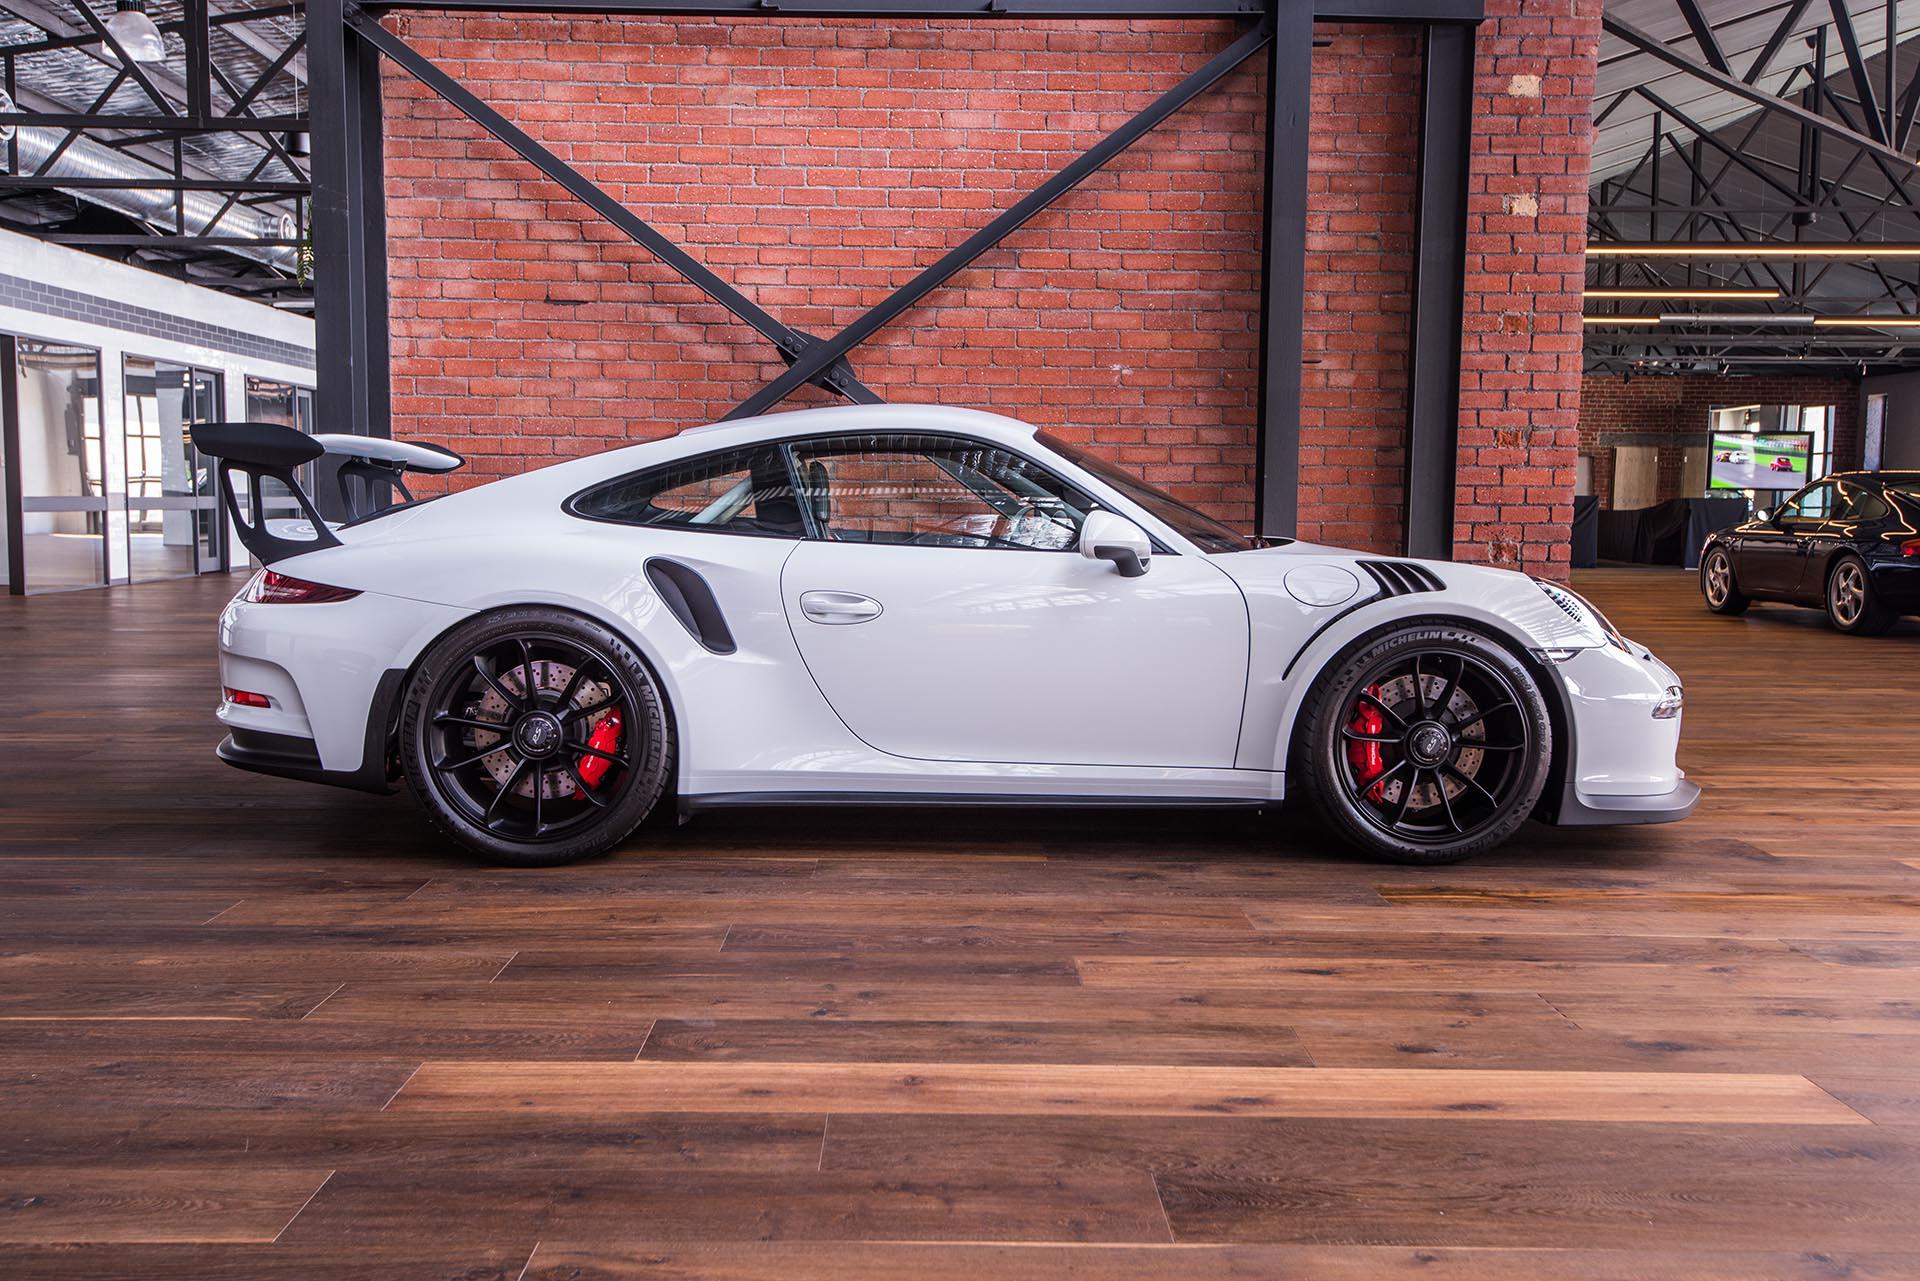 Porsche 911 Gt3 For Sale >> Porsche 911 GT3RS - Richmonds - Classic and Prestige Cars ...